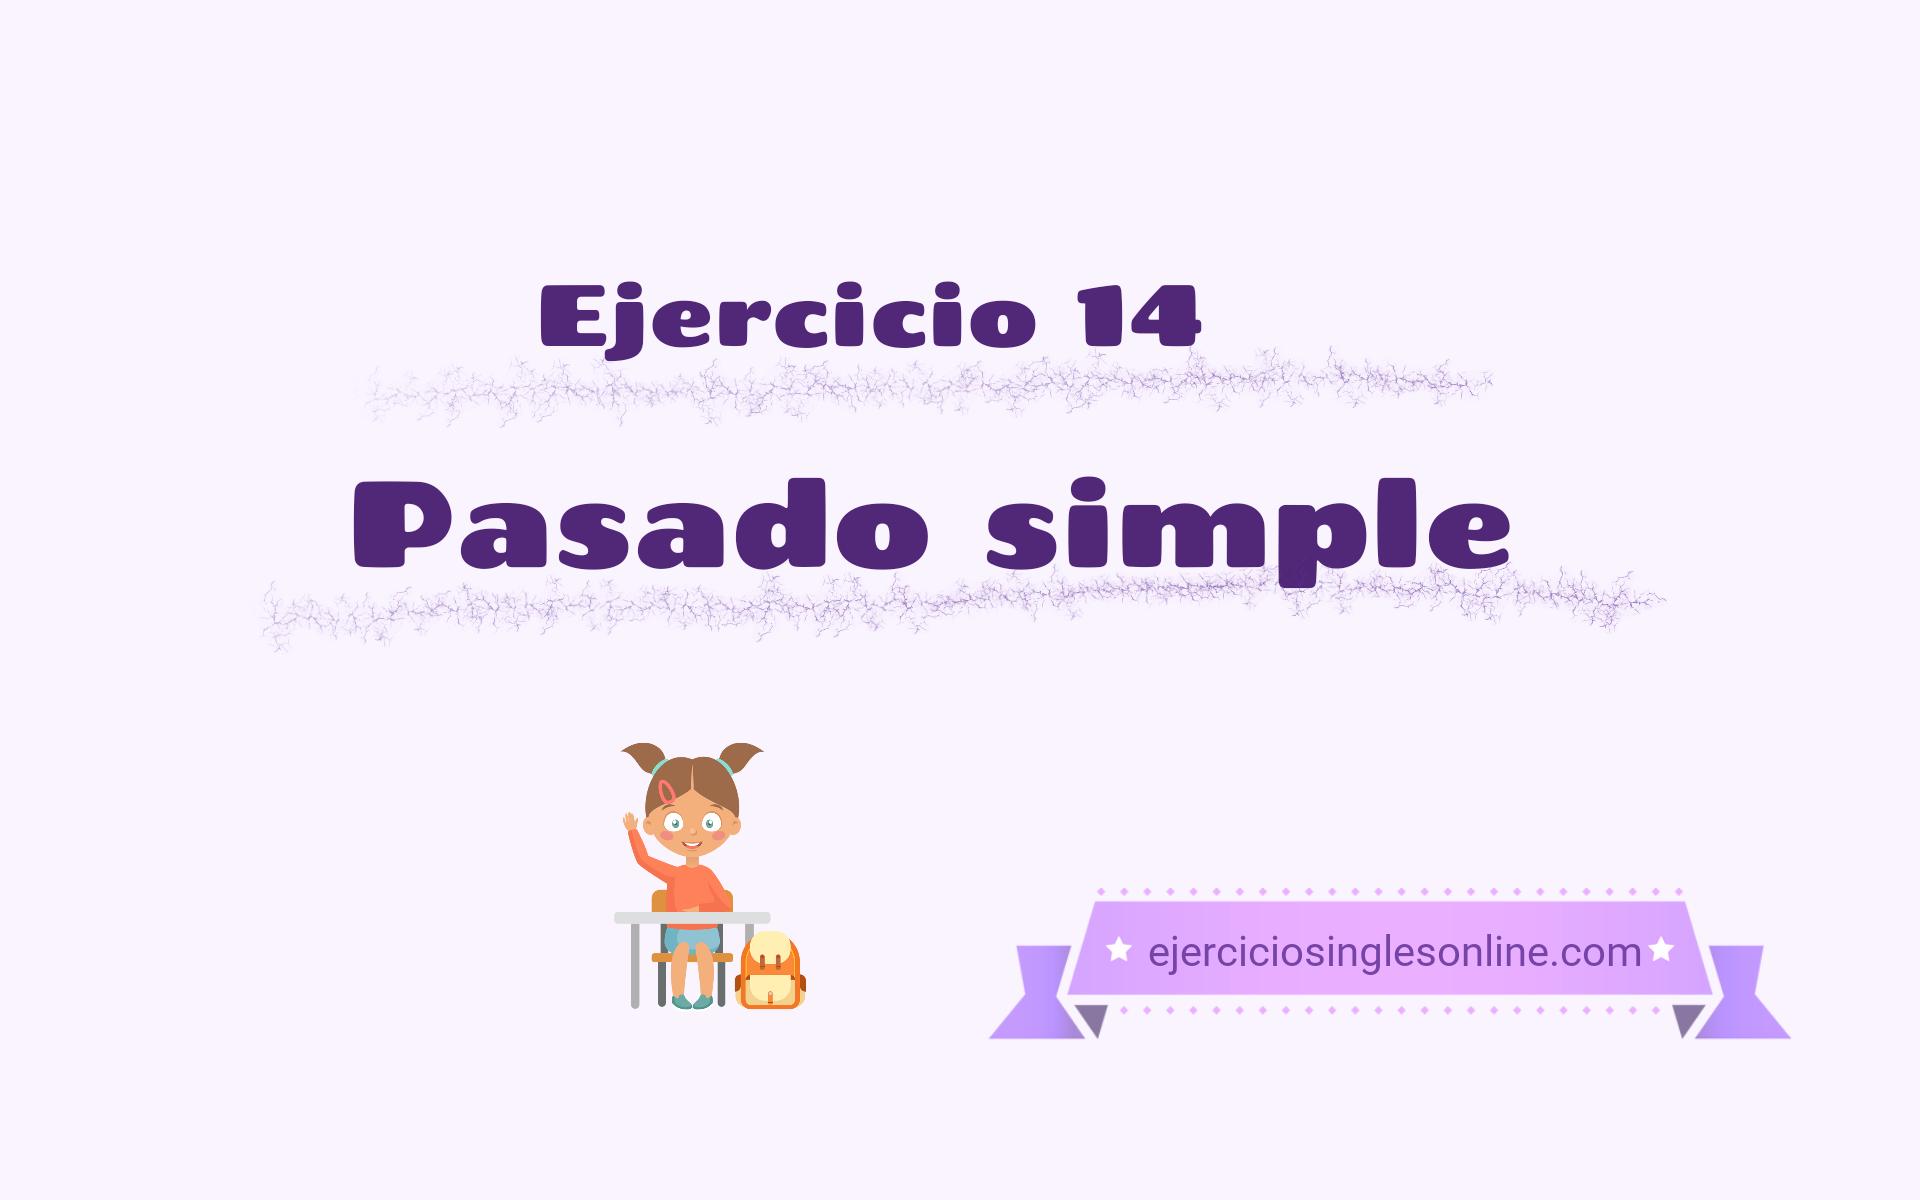 Pasado simple - Ejercicio 14